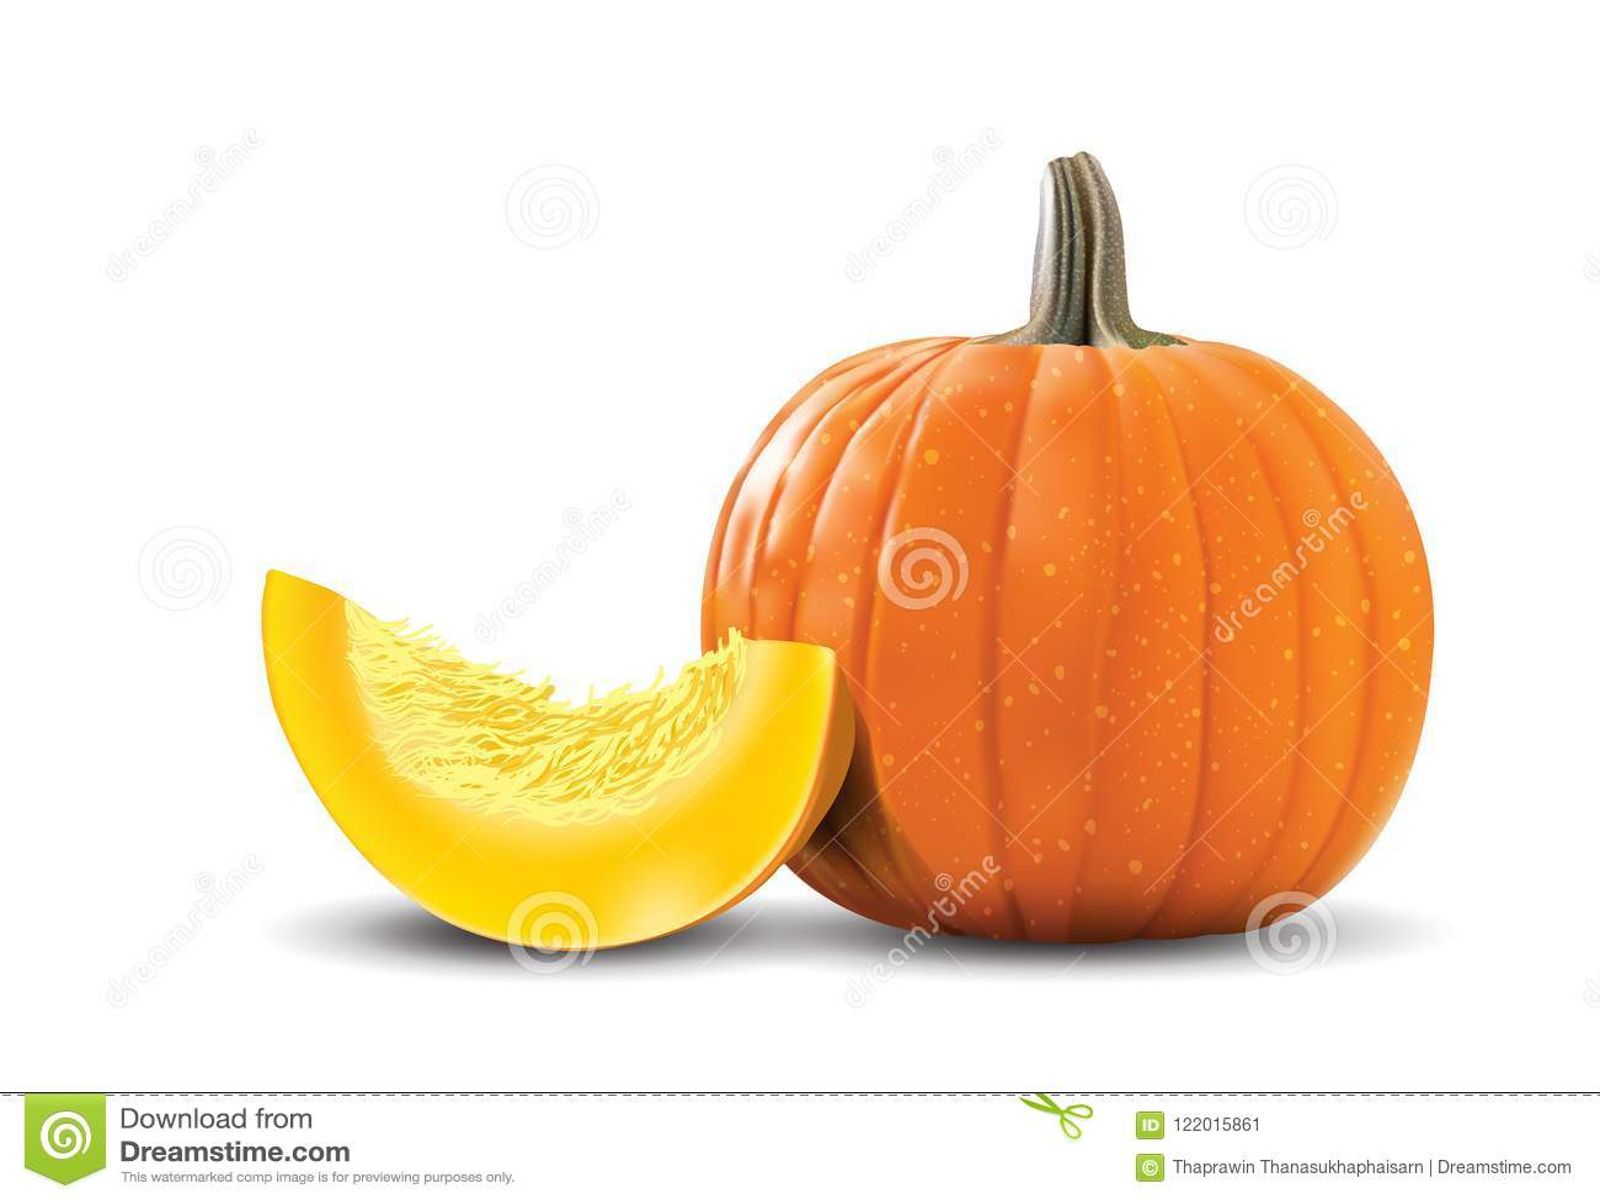 Halloween Pumpkin Vector Art.Orange Pumpkin In Vector Art Stock Illustration